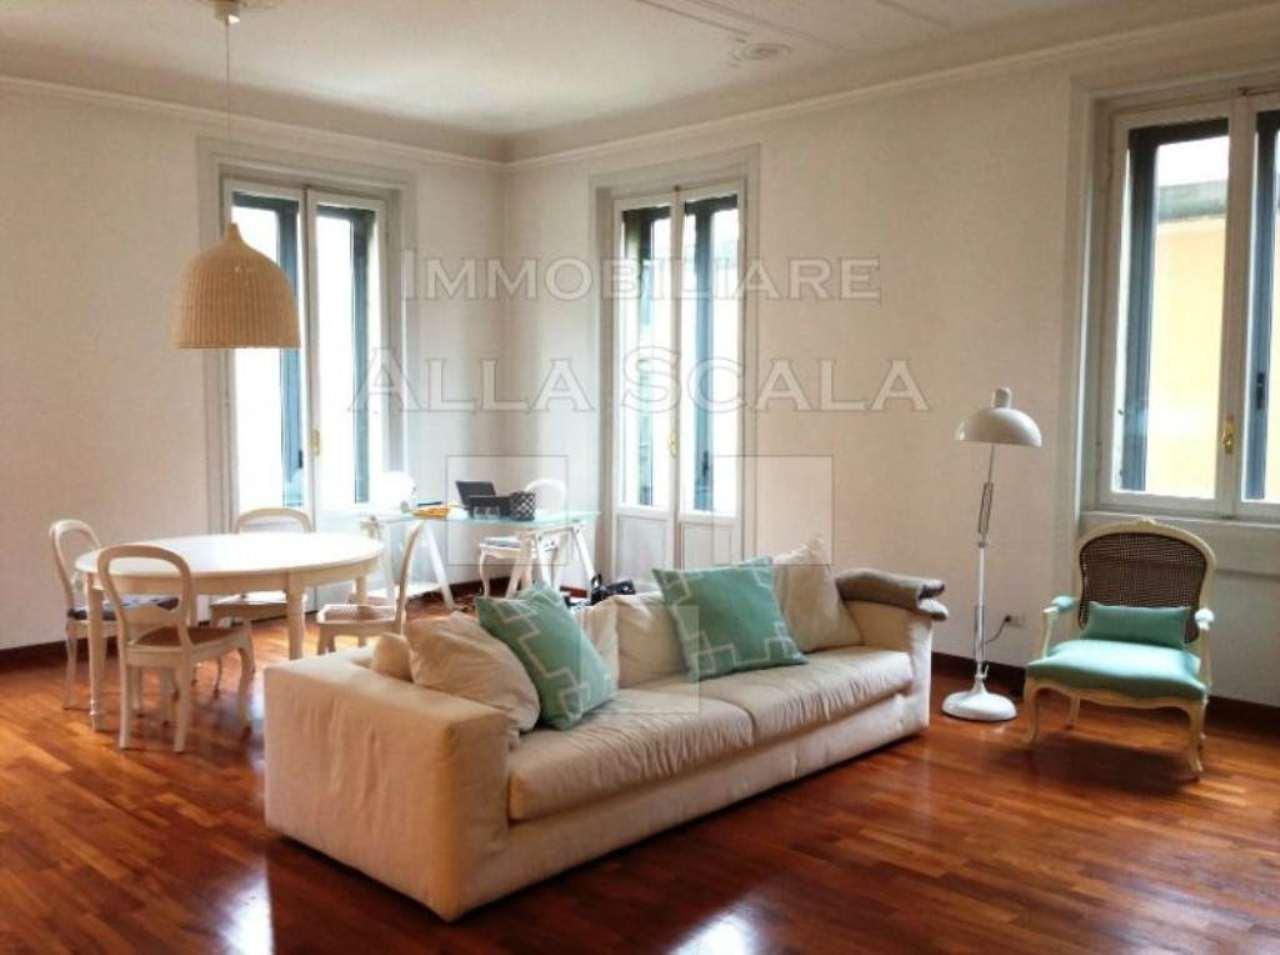 Appartamento in Affitto a Milano 01 Centro storico (Cerchia dei Navigli): 4 locali, 135 mq